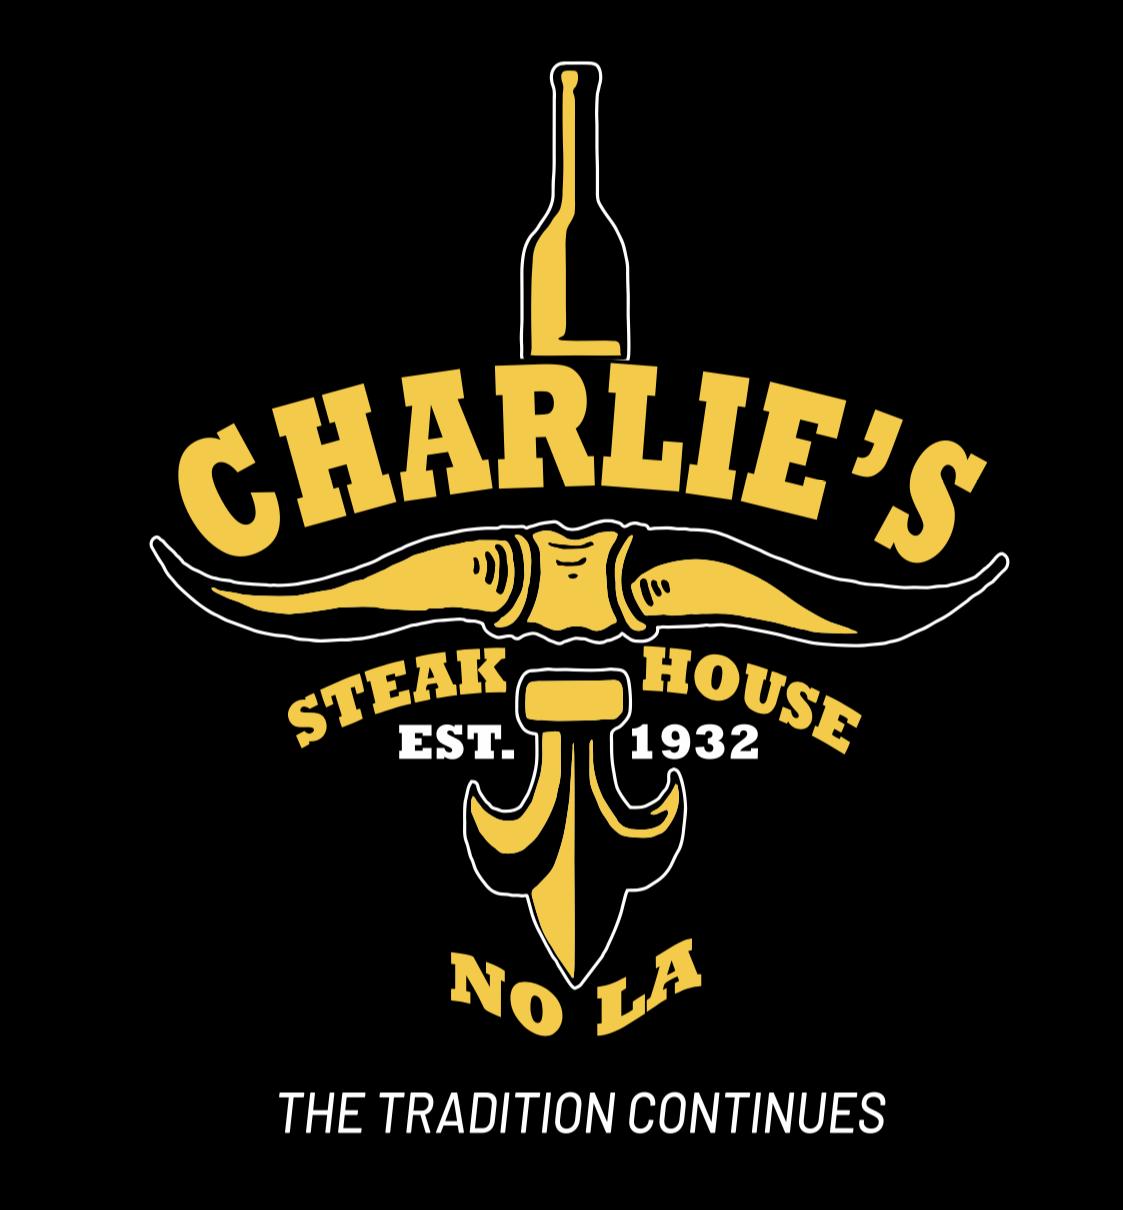 Charlie's Steak House logo